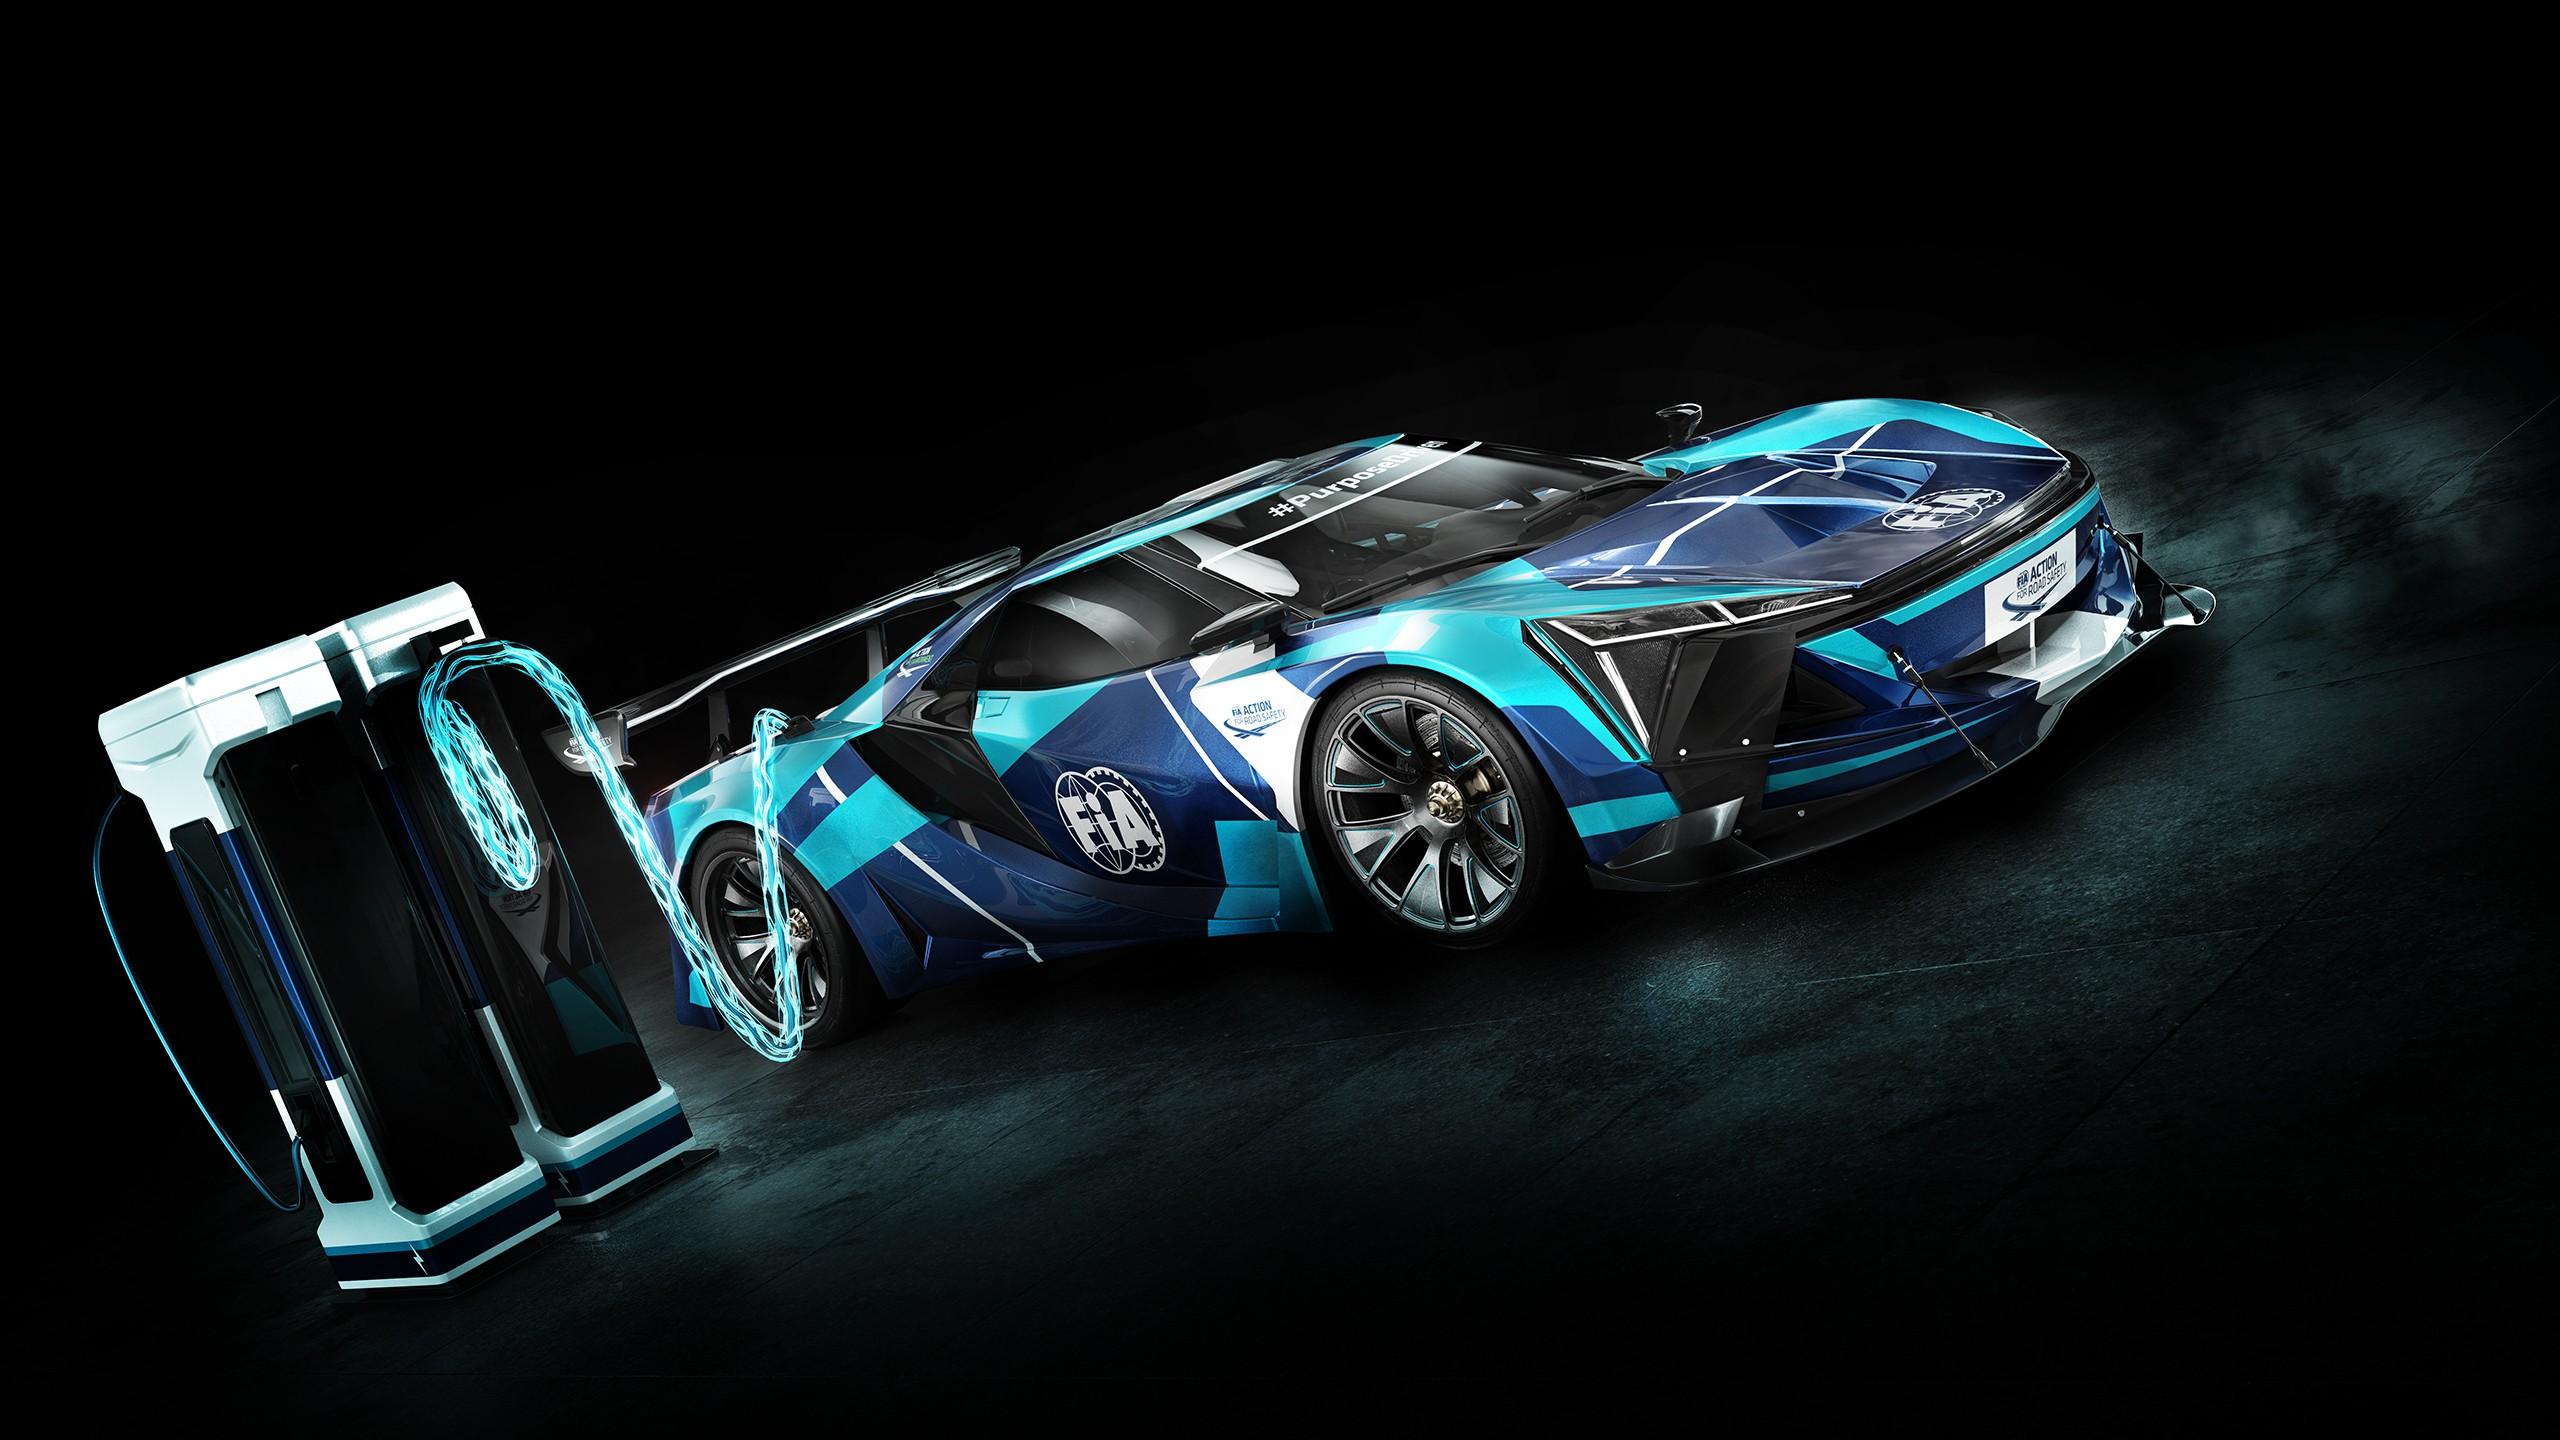 Η FIA λανσάρει μια ακόμα σειρά αγώνων με ηλεκτρικά αυτοκίνητα